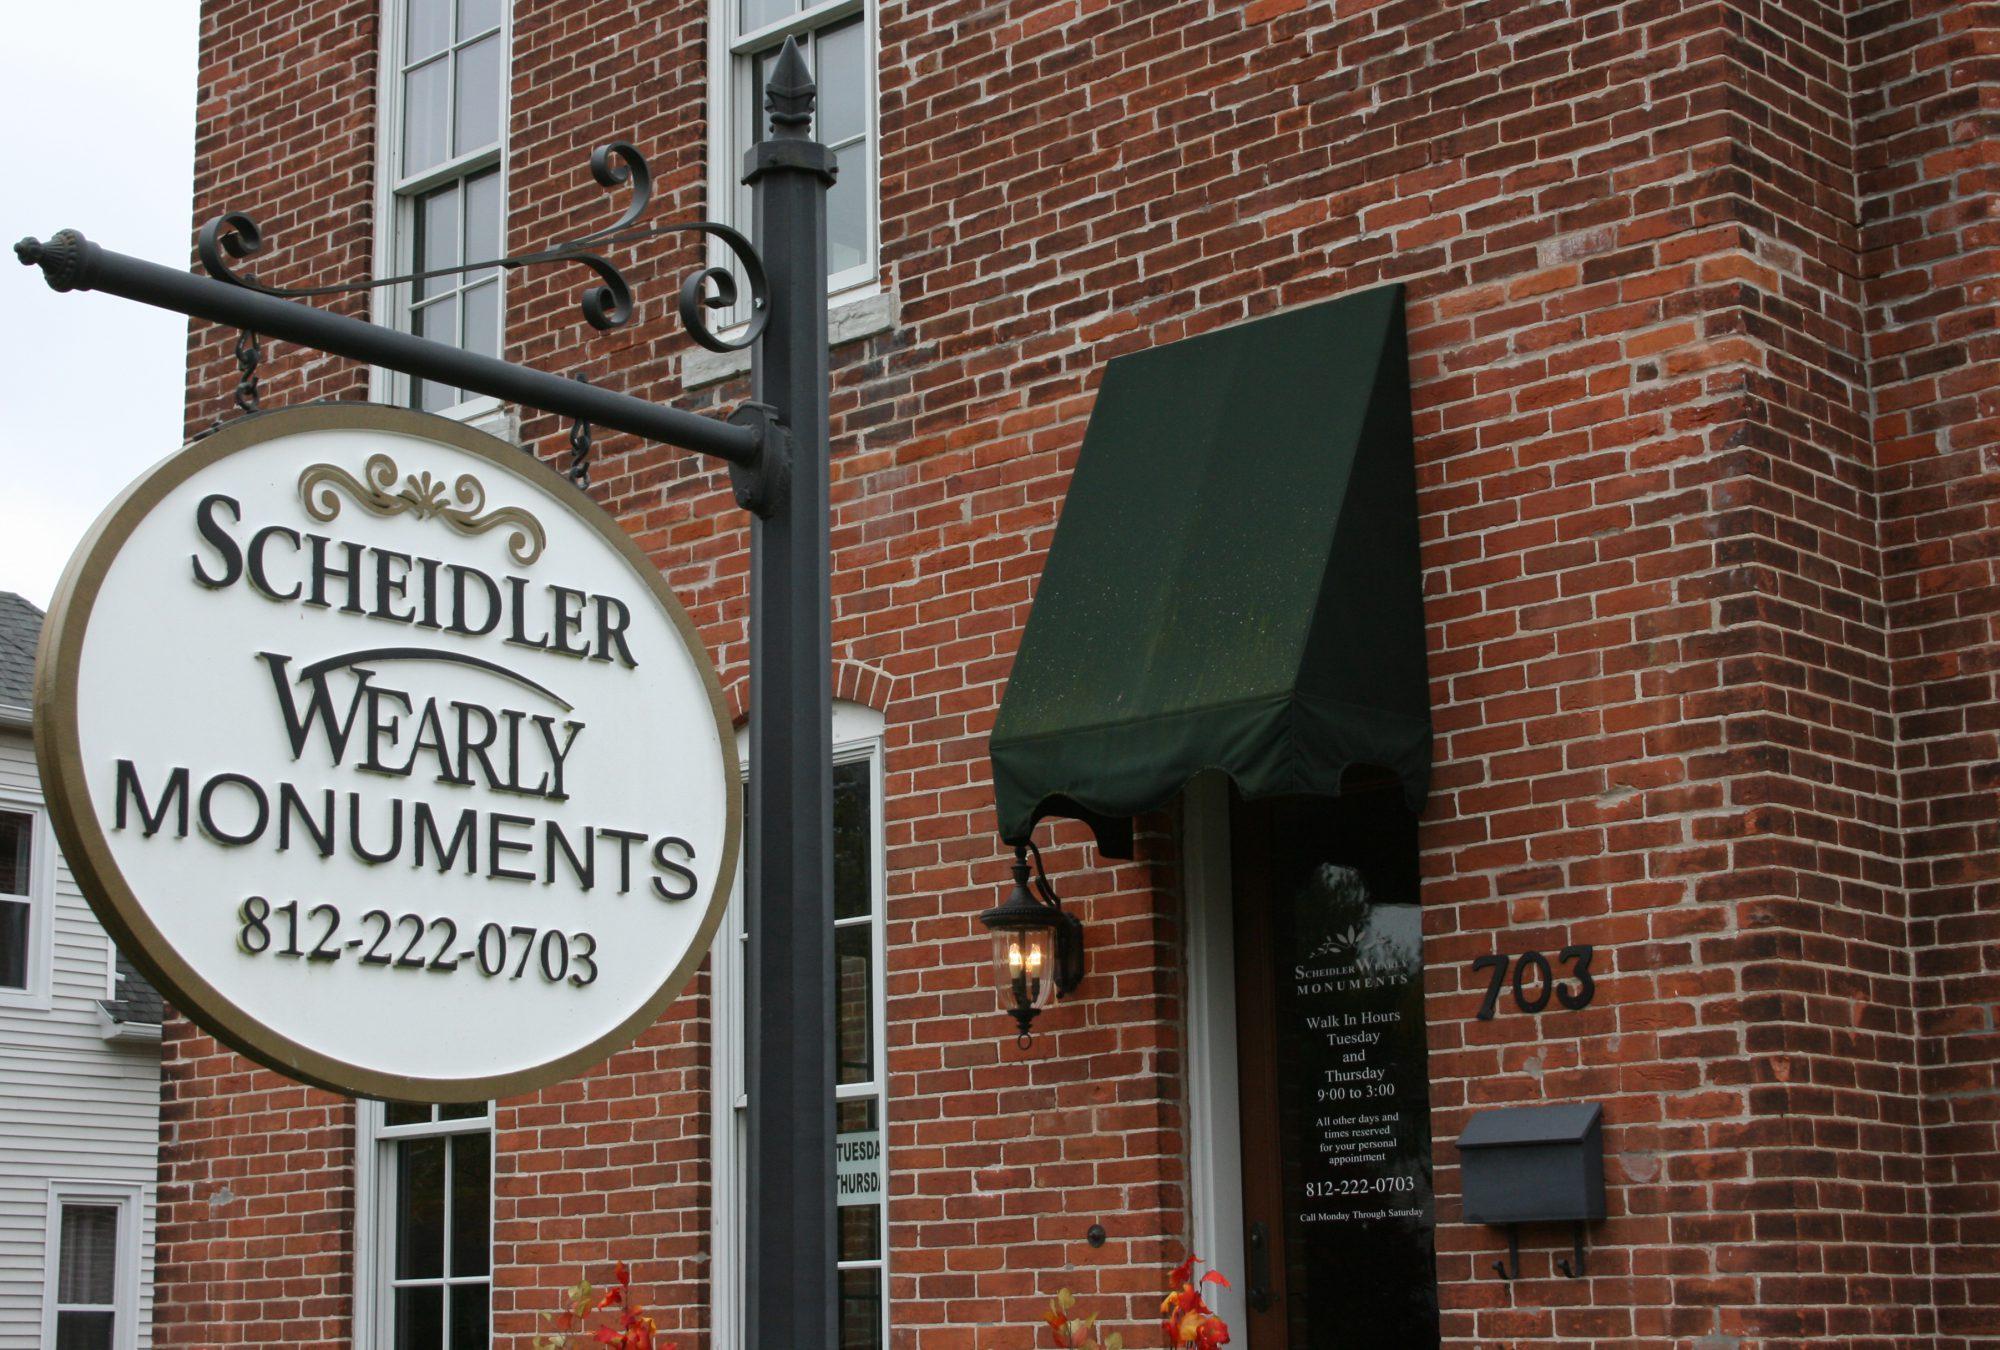 Scheidler-Wearly Monuments